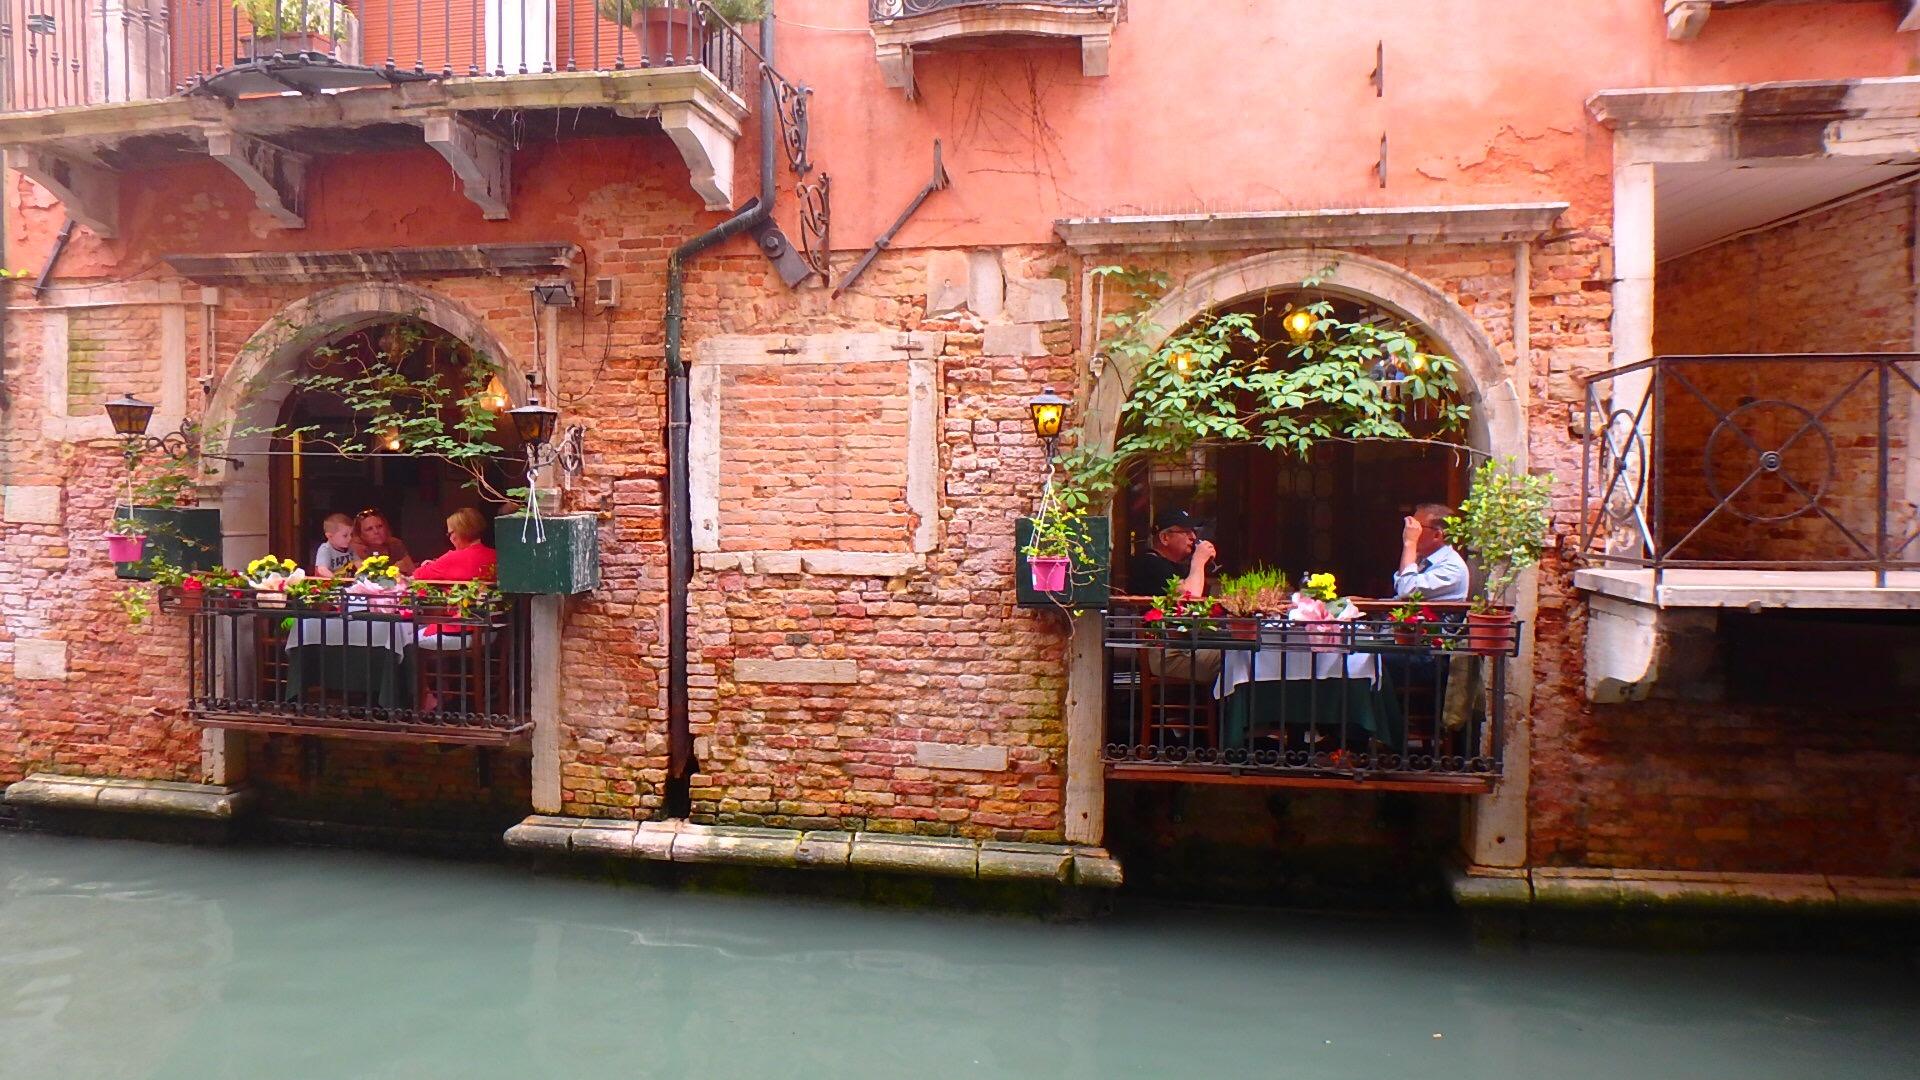 ヴェネチア お洒落なカフェレストラン